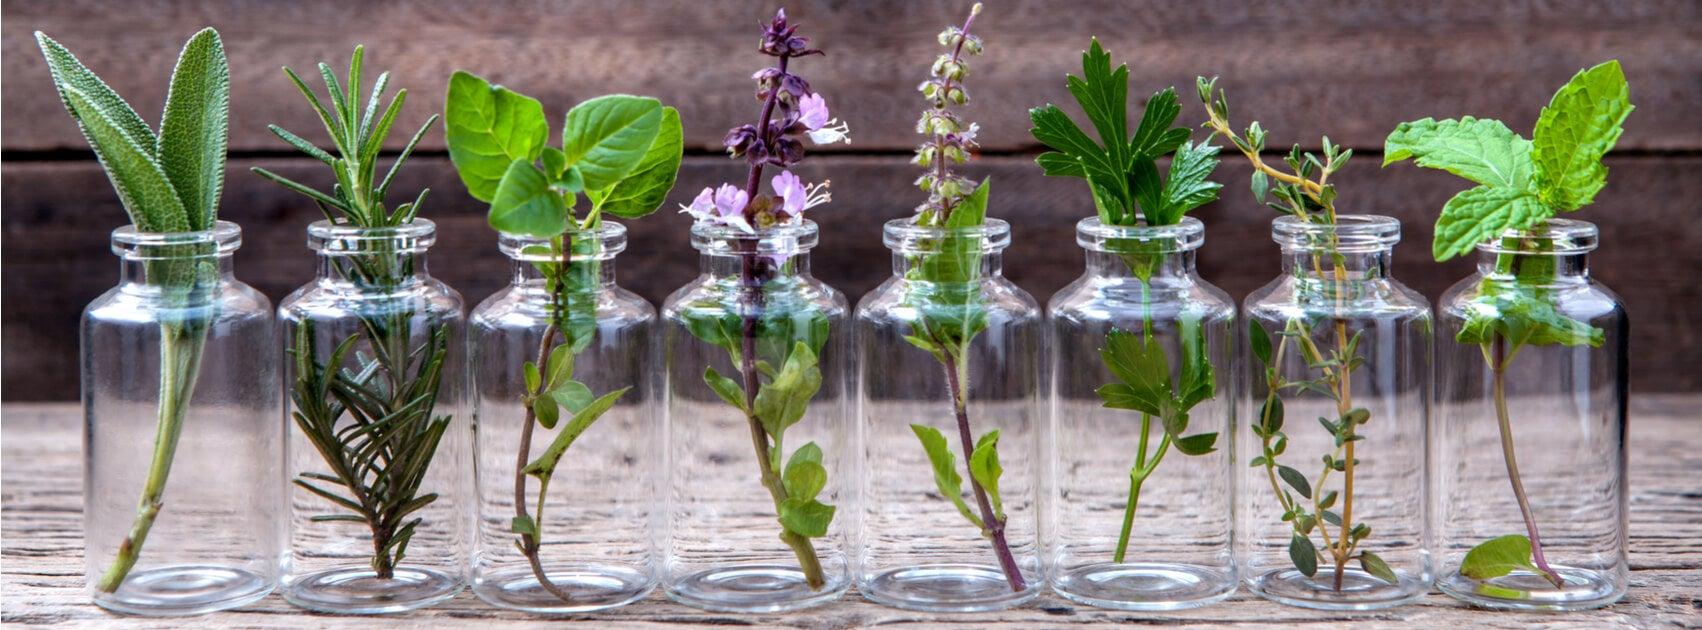 Worauf sollte man bei der Auswahl von Zimmerpflanzen achten?